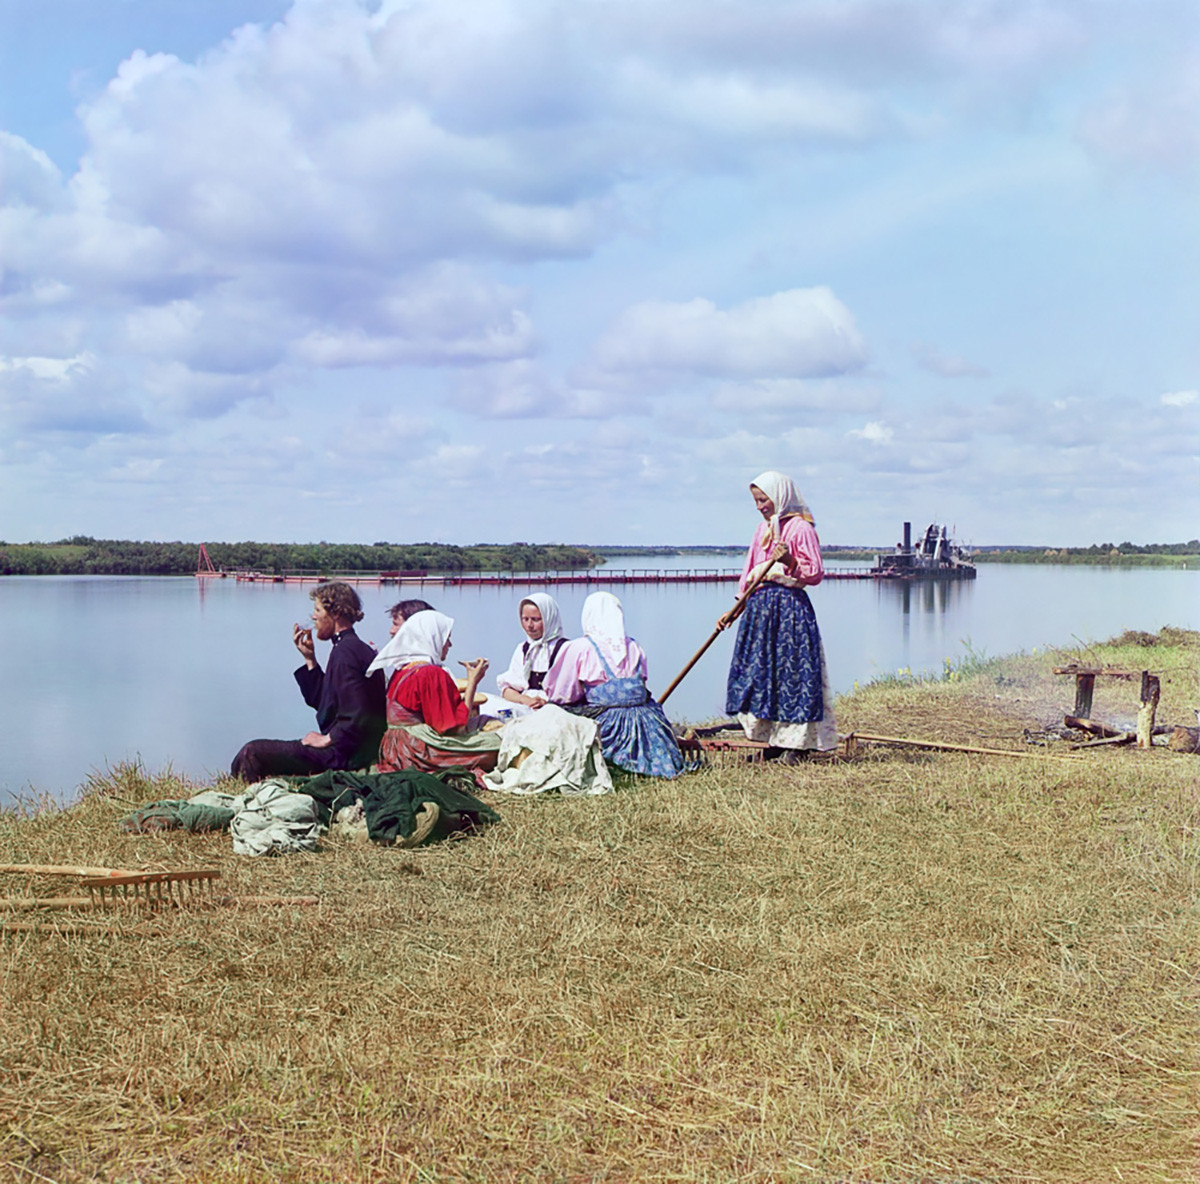 Région de Tcherepovets. Paysans buvant du thé pendant une pause lors de la collecte du foin sur une île de la rivière Cheksna. Arrière-plan : barge de dragage pour le chenal de navigation